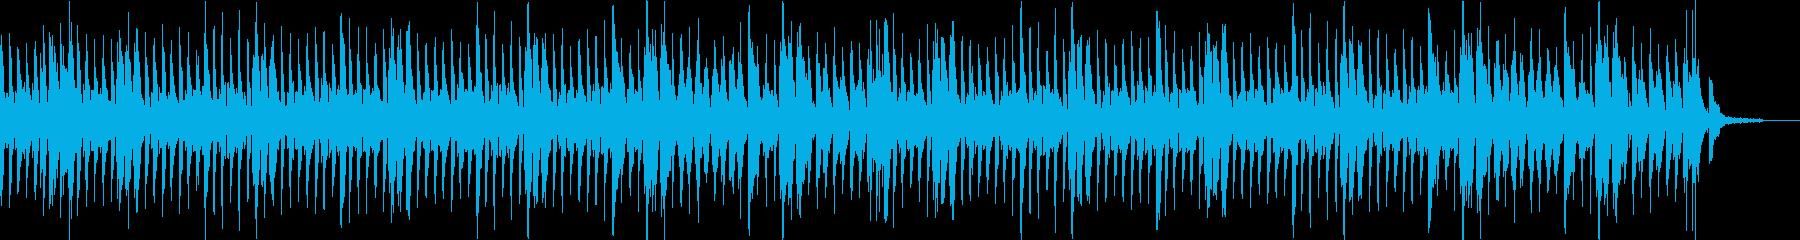 動画の雑談やエンディングに向いたポップスの再生済みの波形